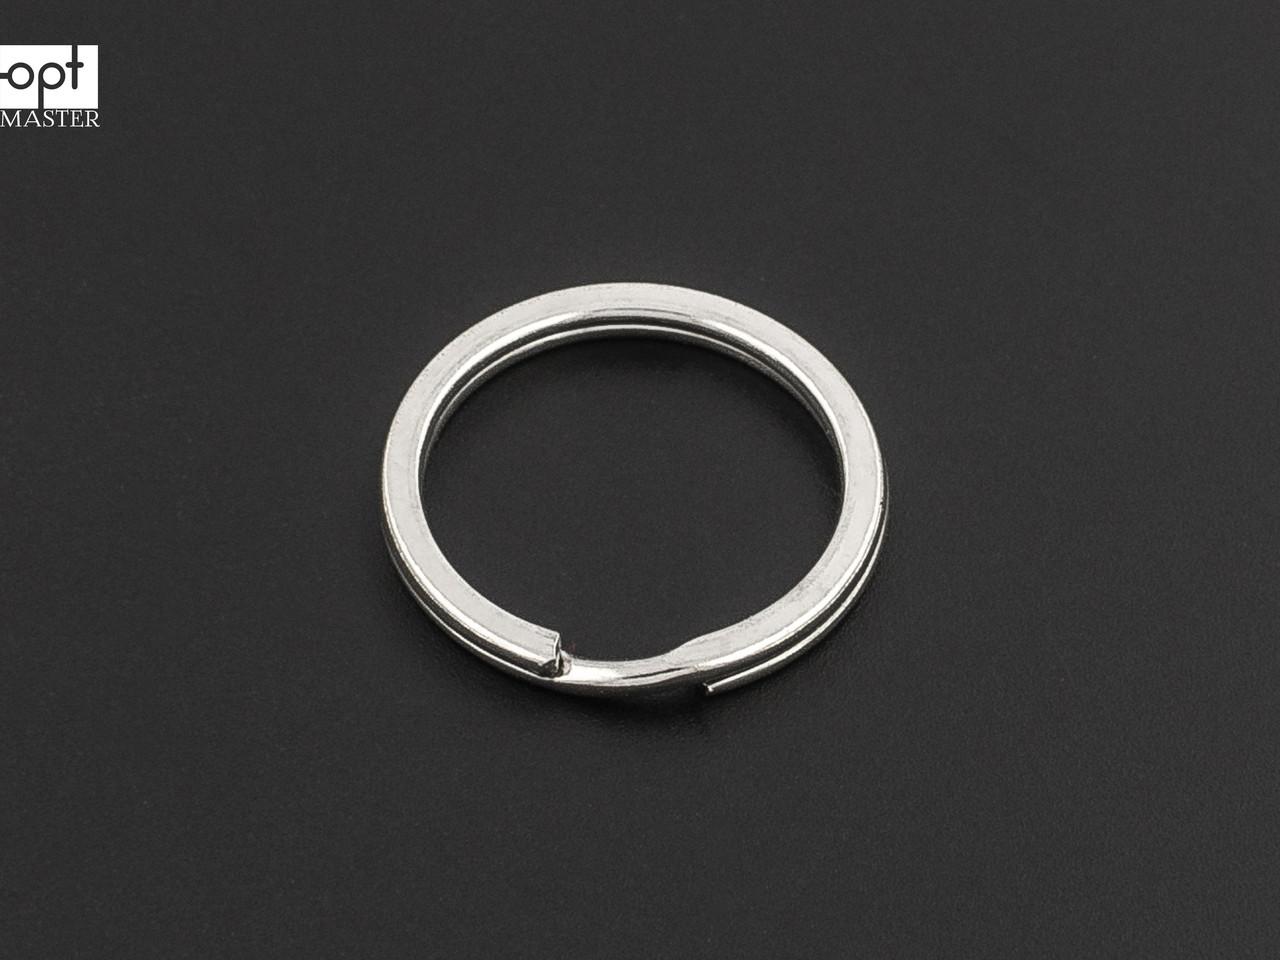 Кольцо для ключей плоское, d=20 мм